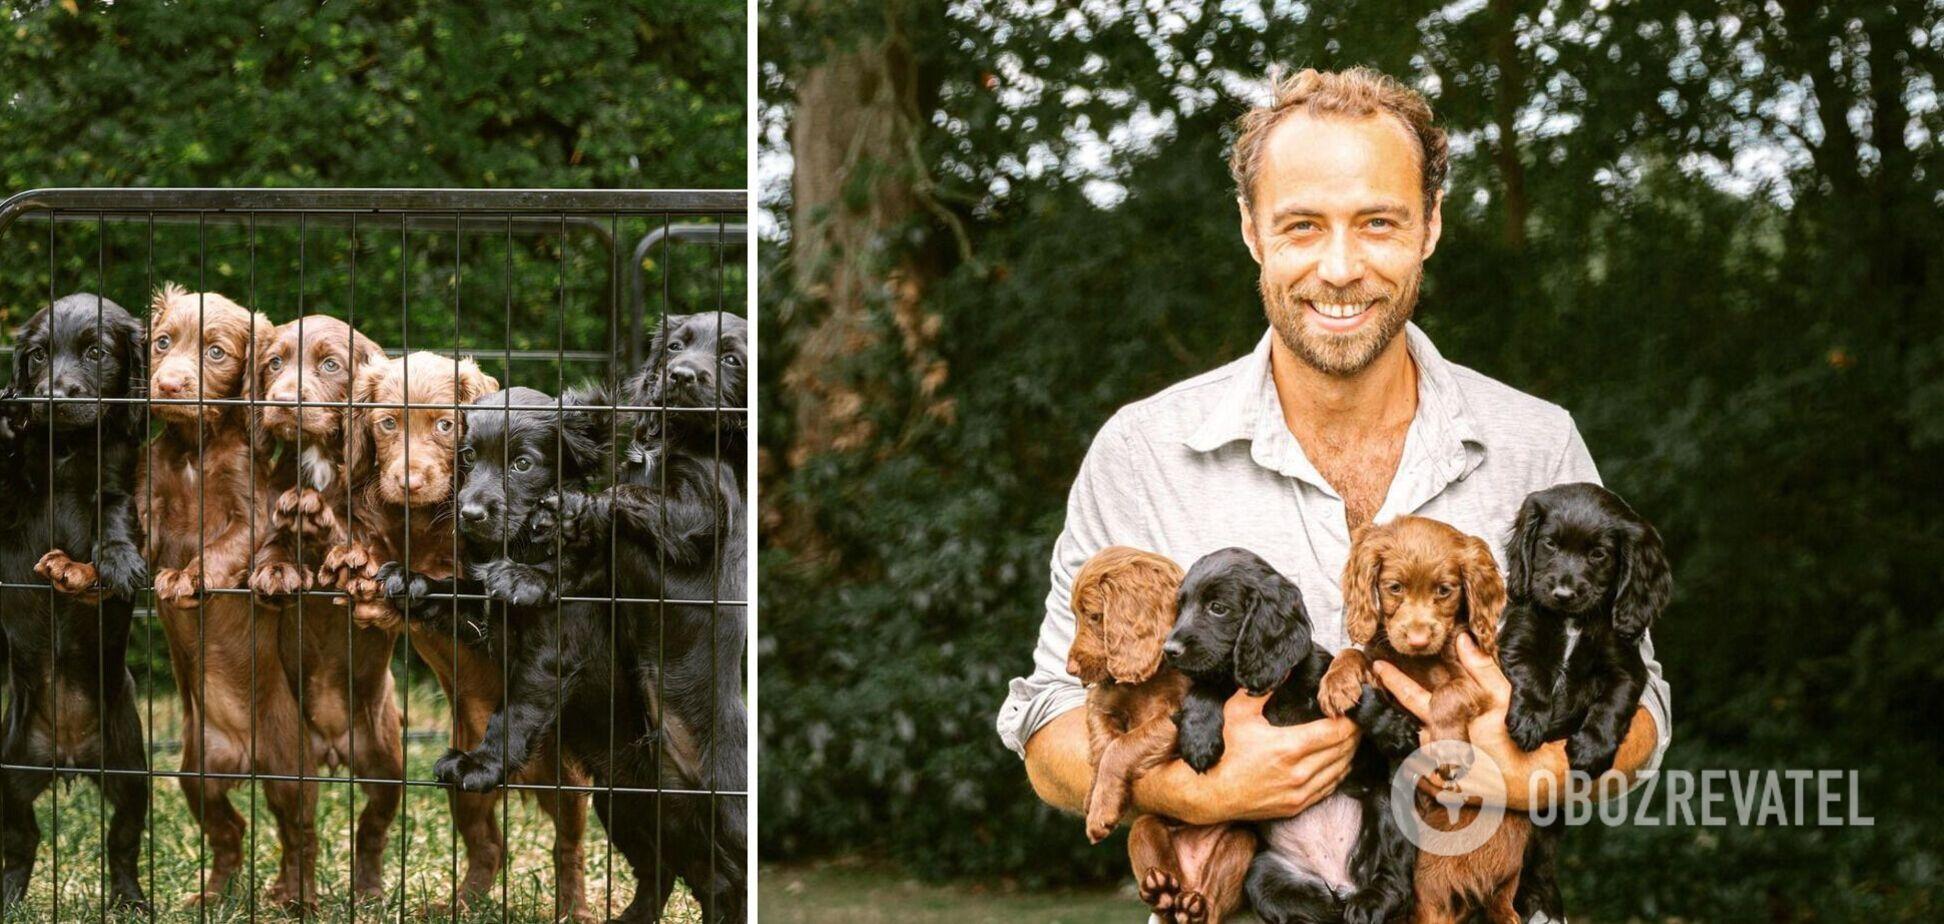 Брат Кейт Миддлтон в розовых шортах умилил сеть снимками со своими собаками